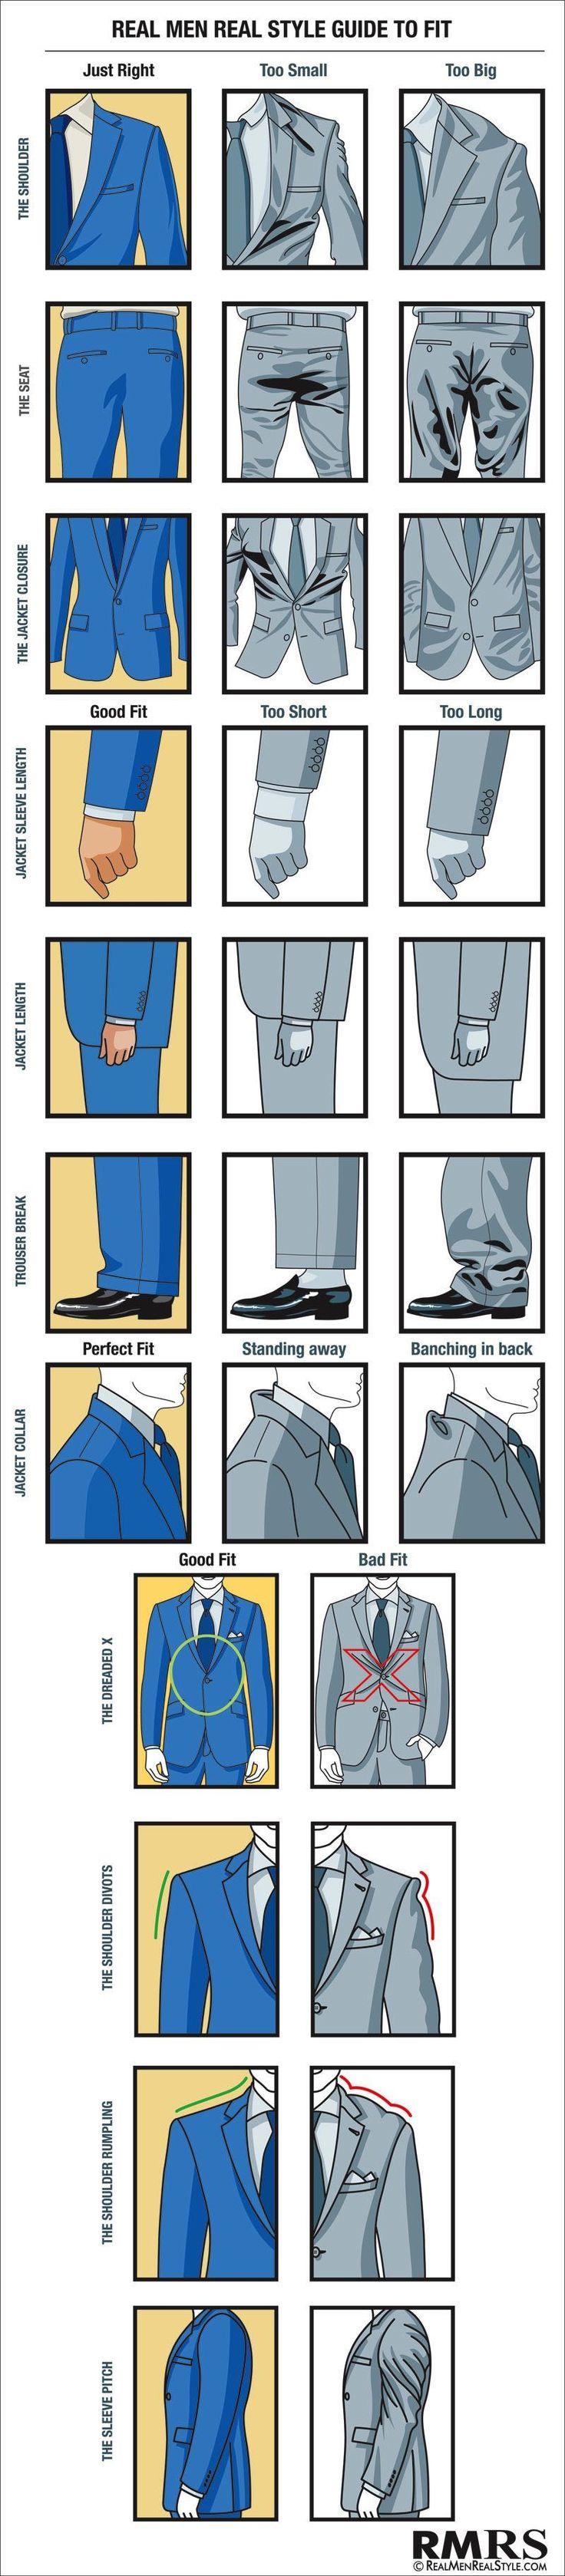 men's suit fit guide